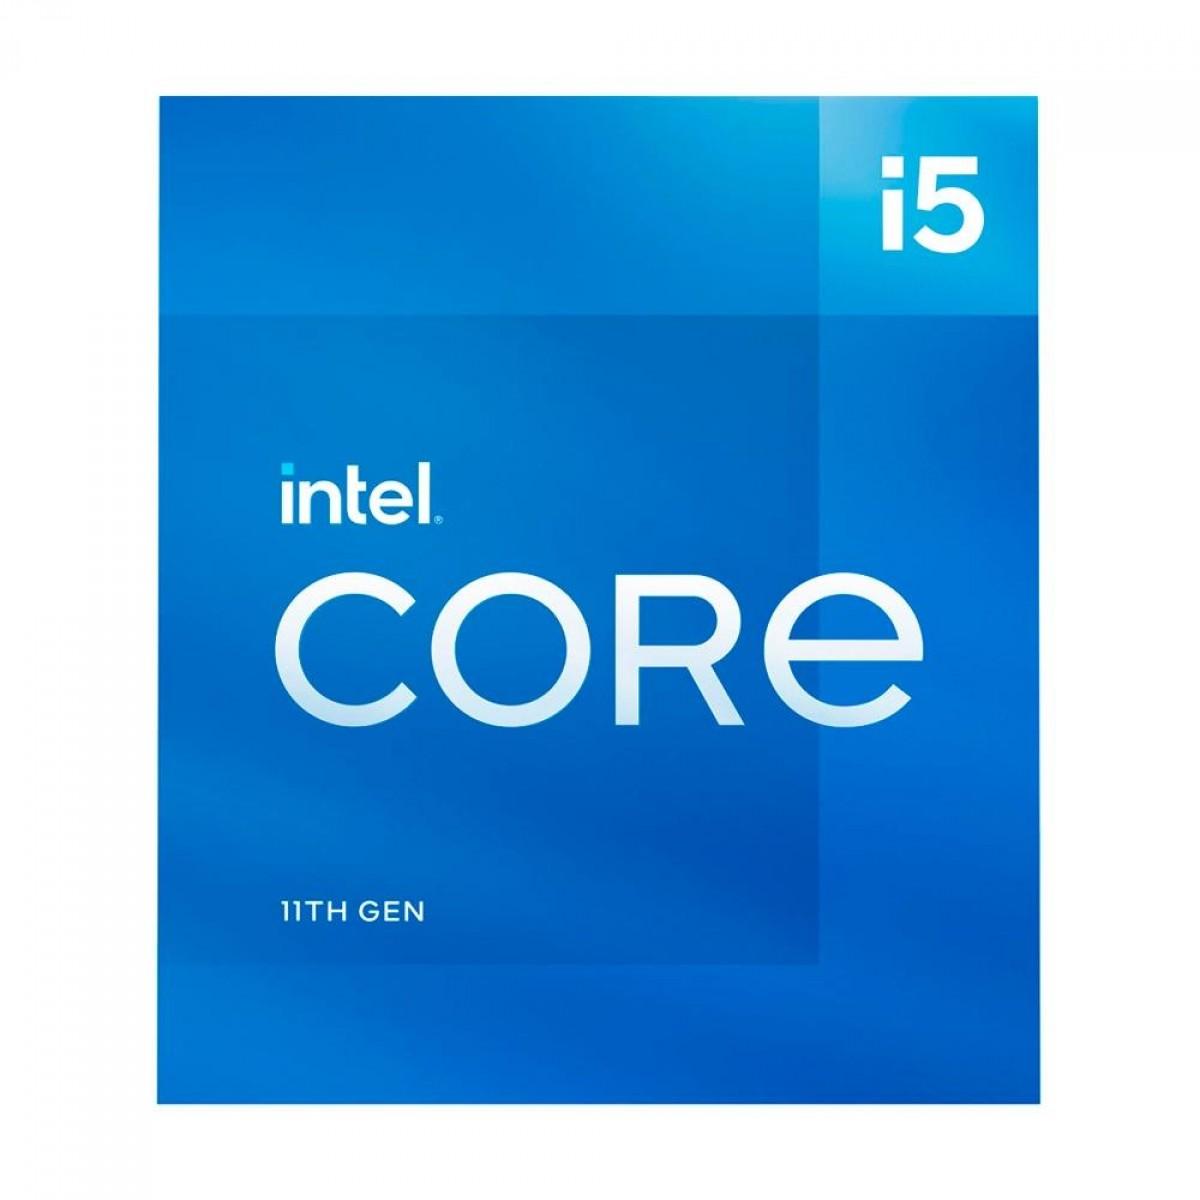 Processador Intel Core i5 11600 2.8GHz (4.8GHz Turbo), 11ª Geração, 6-Cores 12-Threads, LGA 1200, BX8070811600